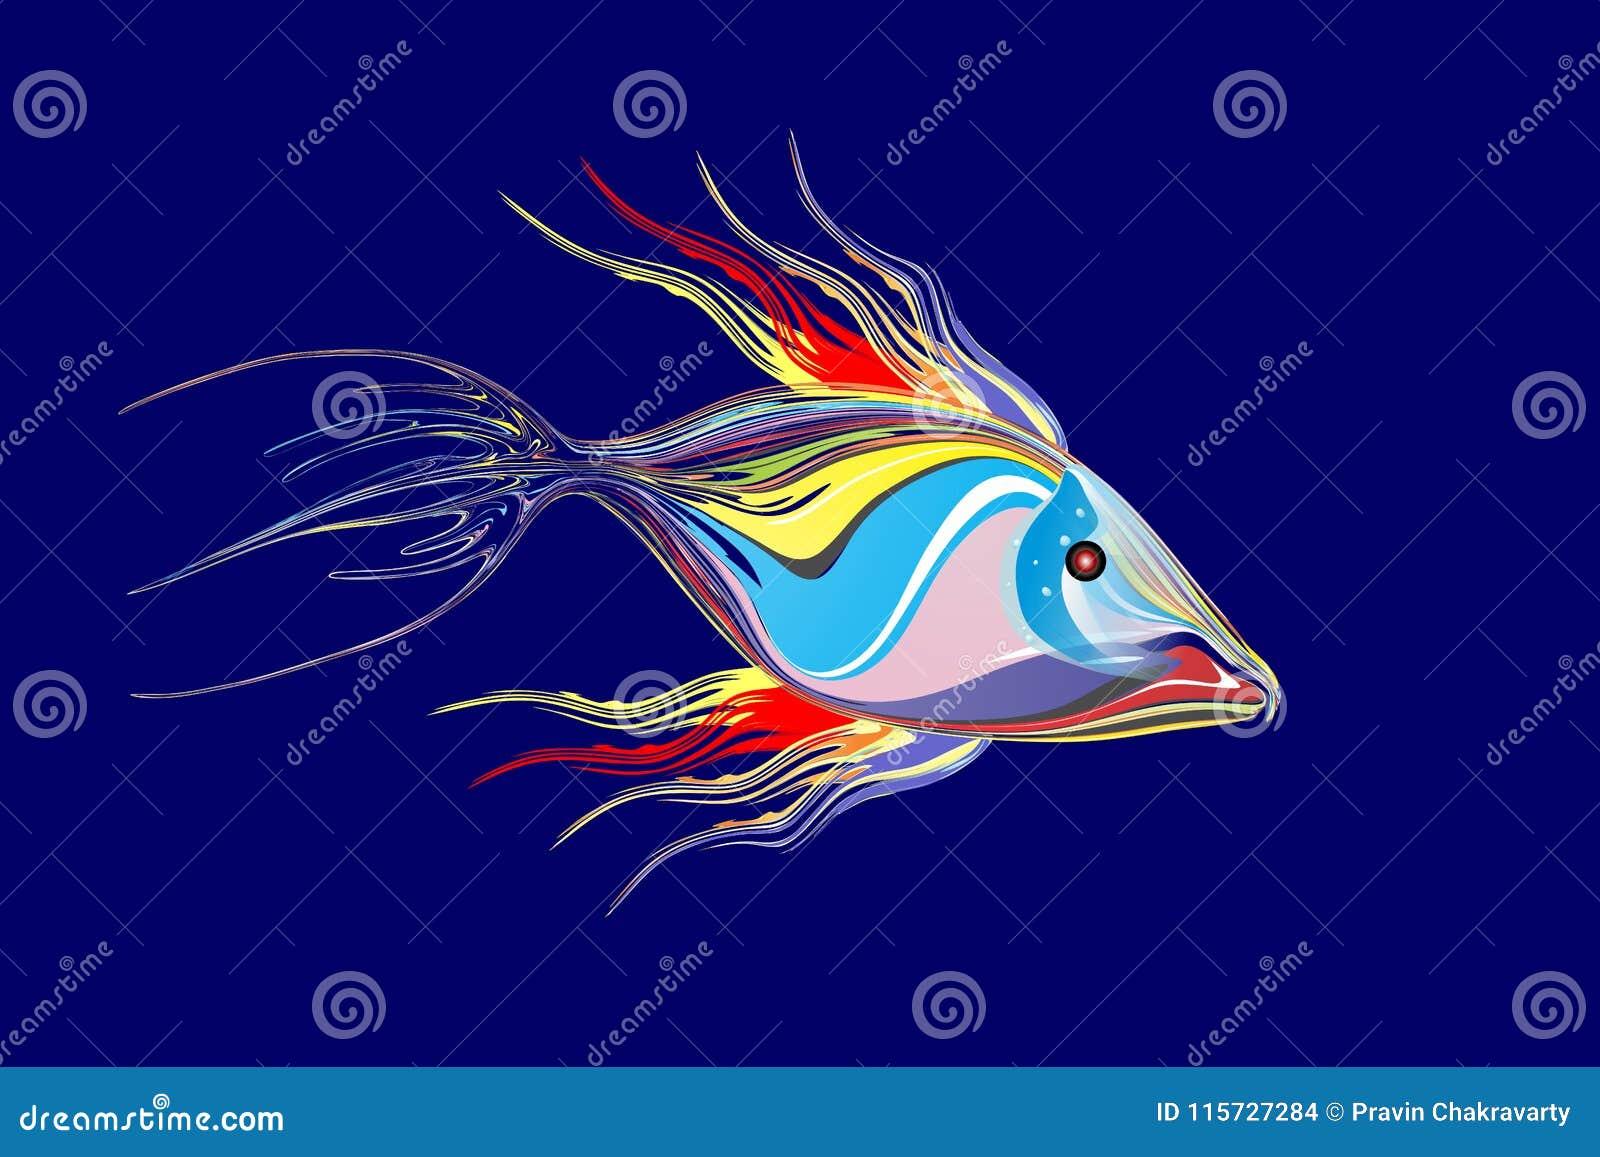 Mehrfarbiger Fischhintergrund des abstrakten Vektors mit Lichteffekt, Vektorillustration